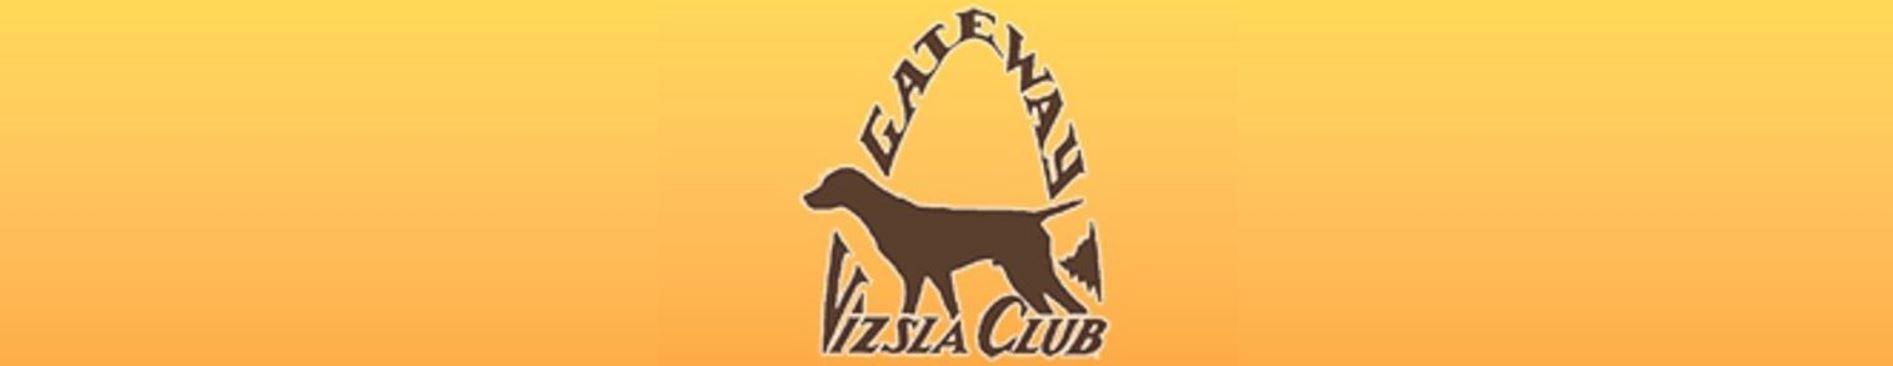 Gateway Vizsla Club